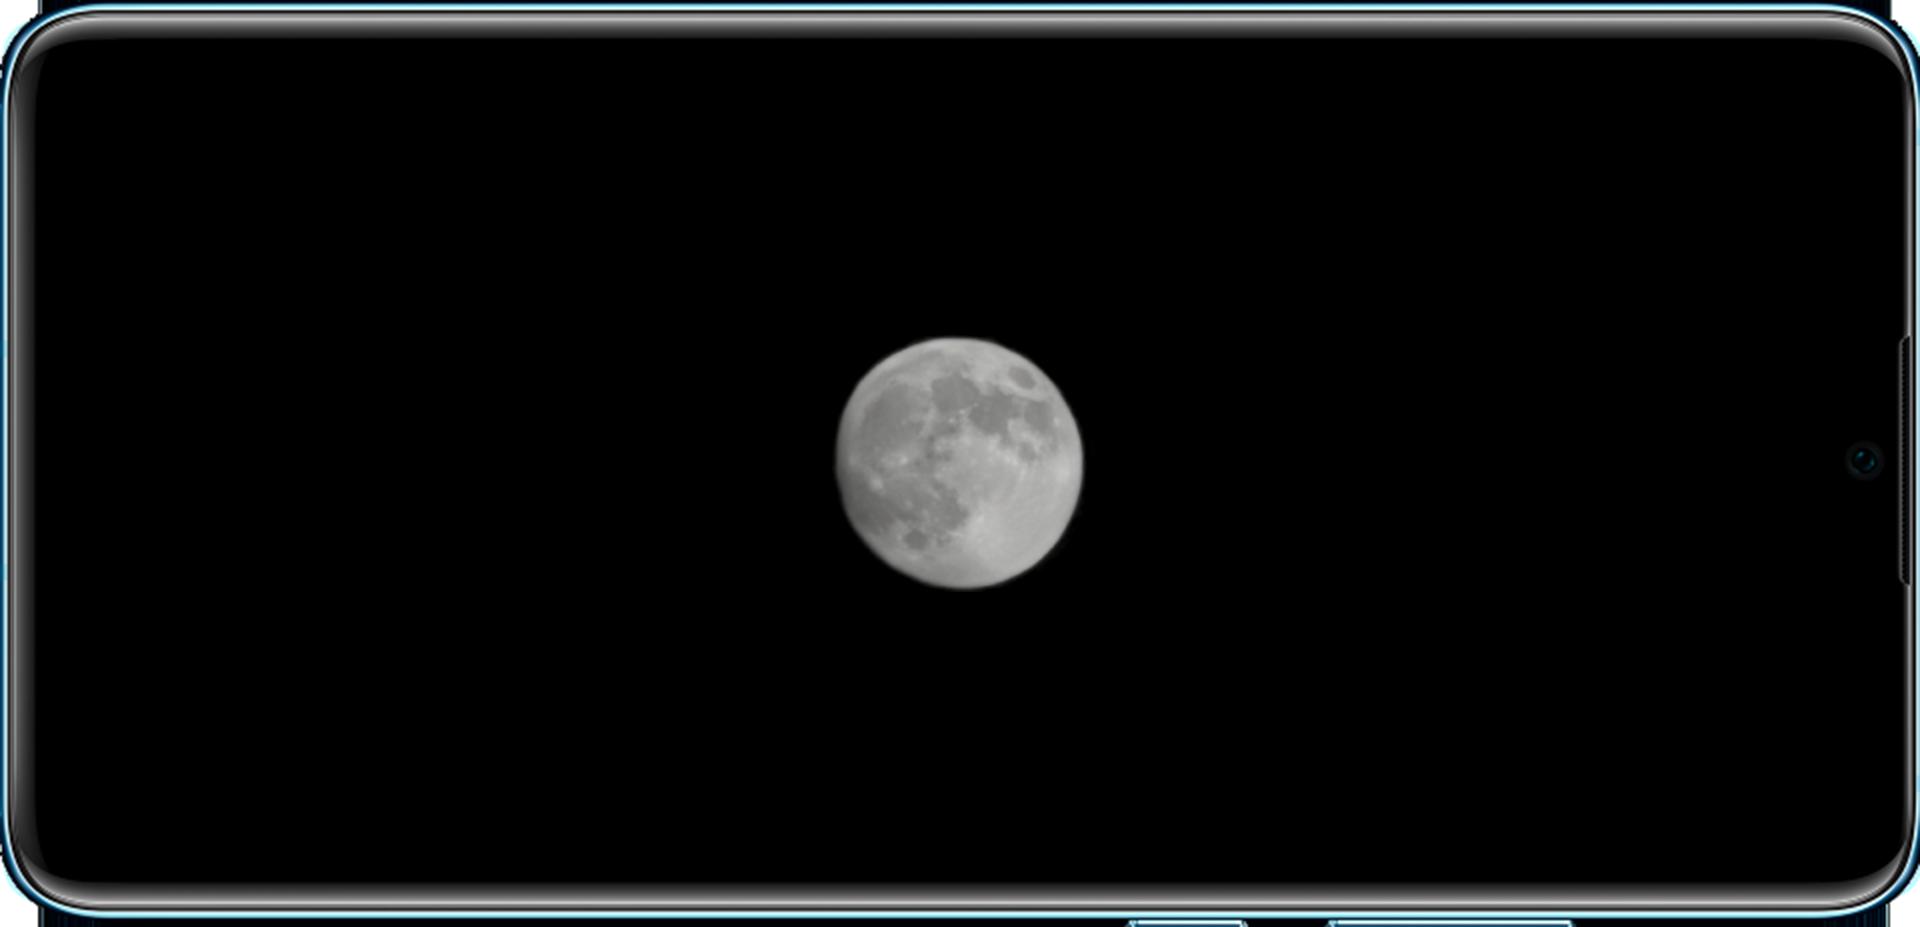 HUAWEI P30 moon